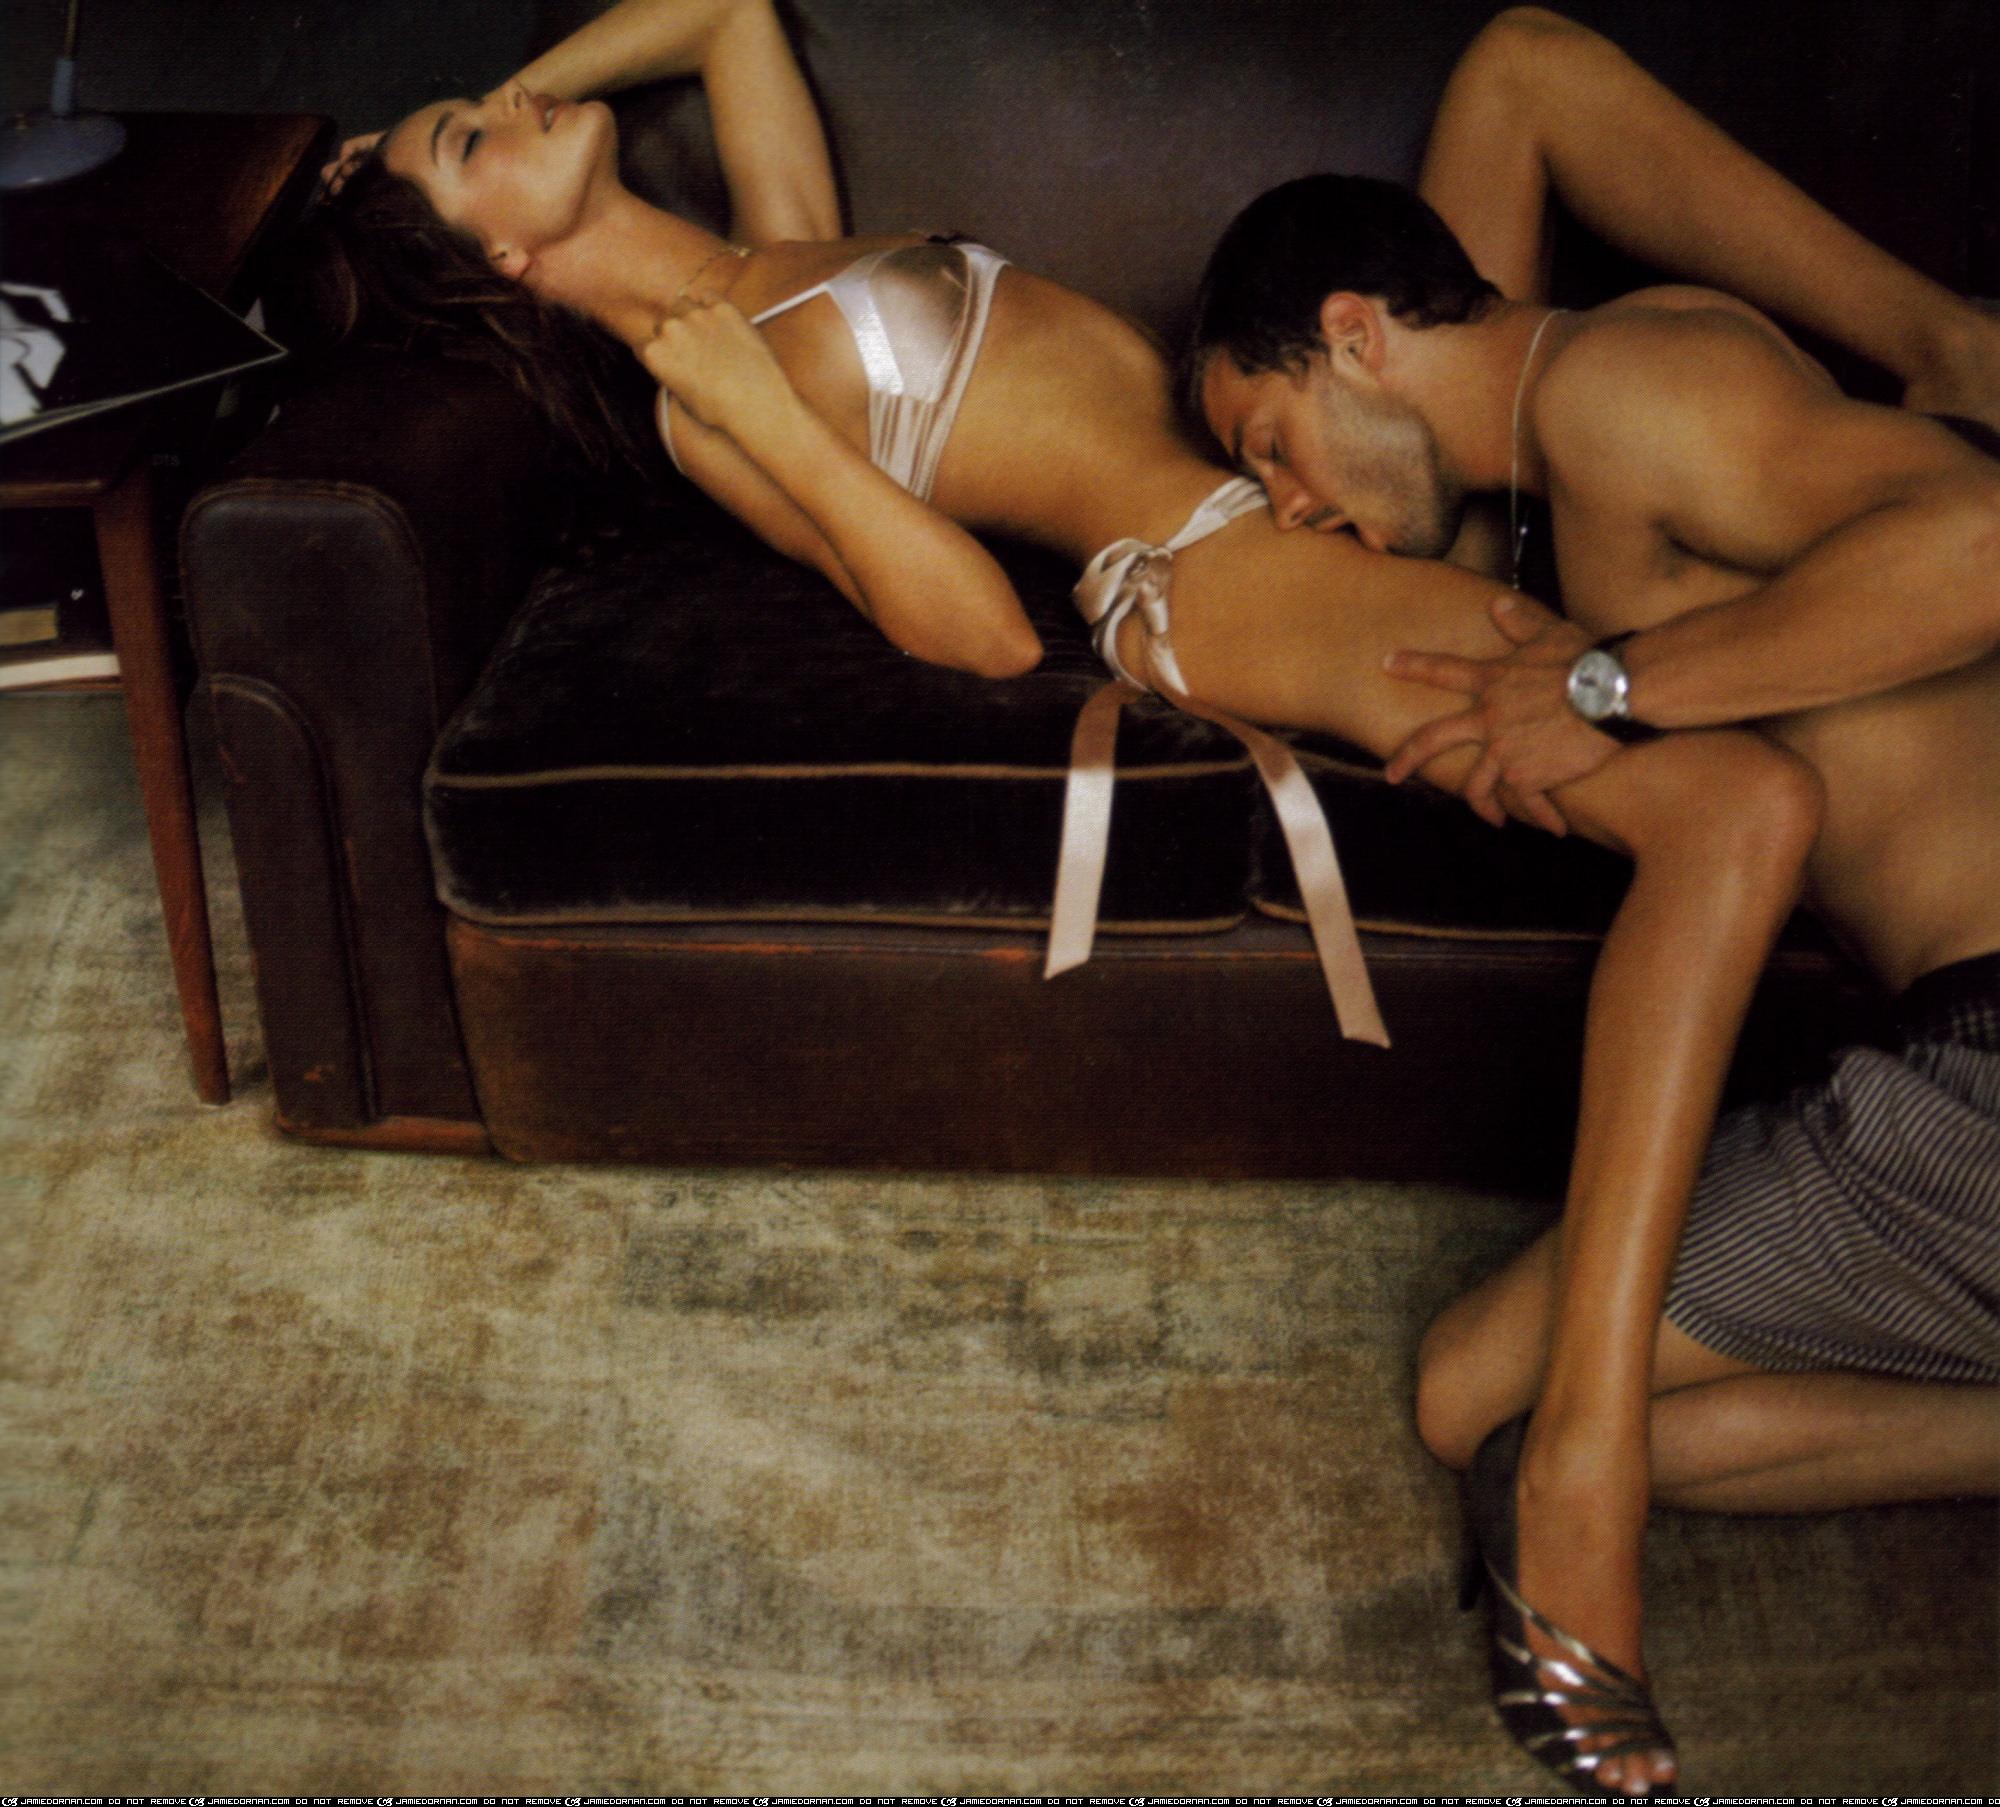 Самые лучшие позы в сексе в фото 27 фотография